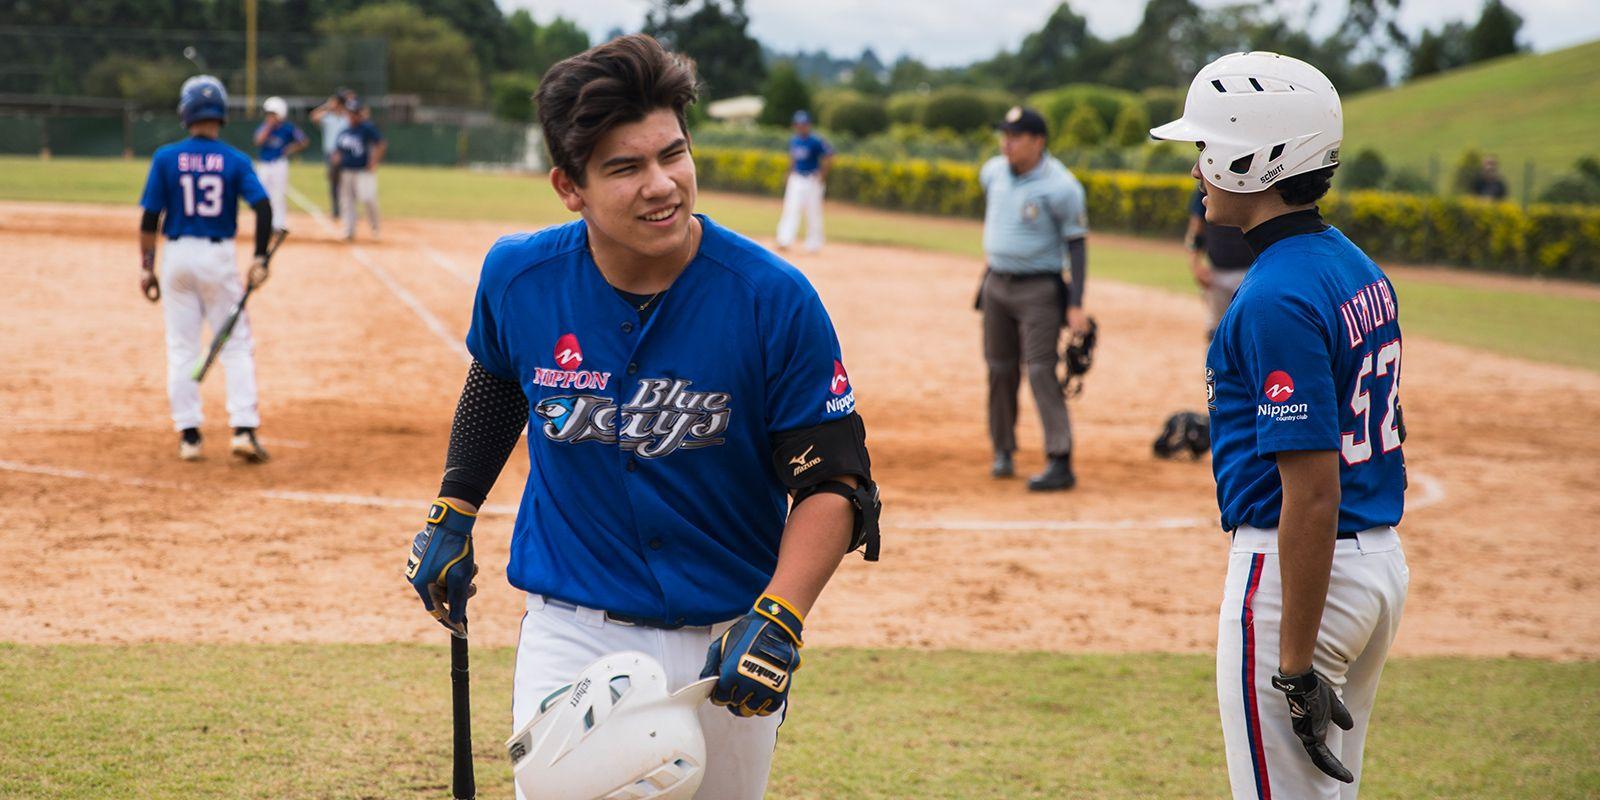 Conozcan a Eric Pardinho, el primer brazo de $1 millón en Brasil